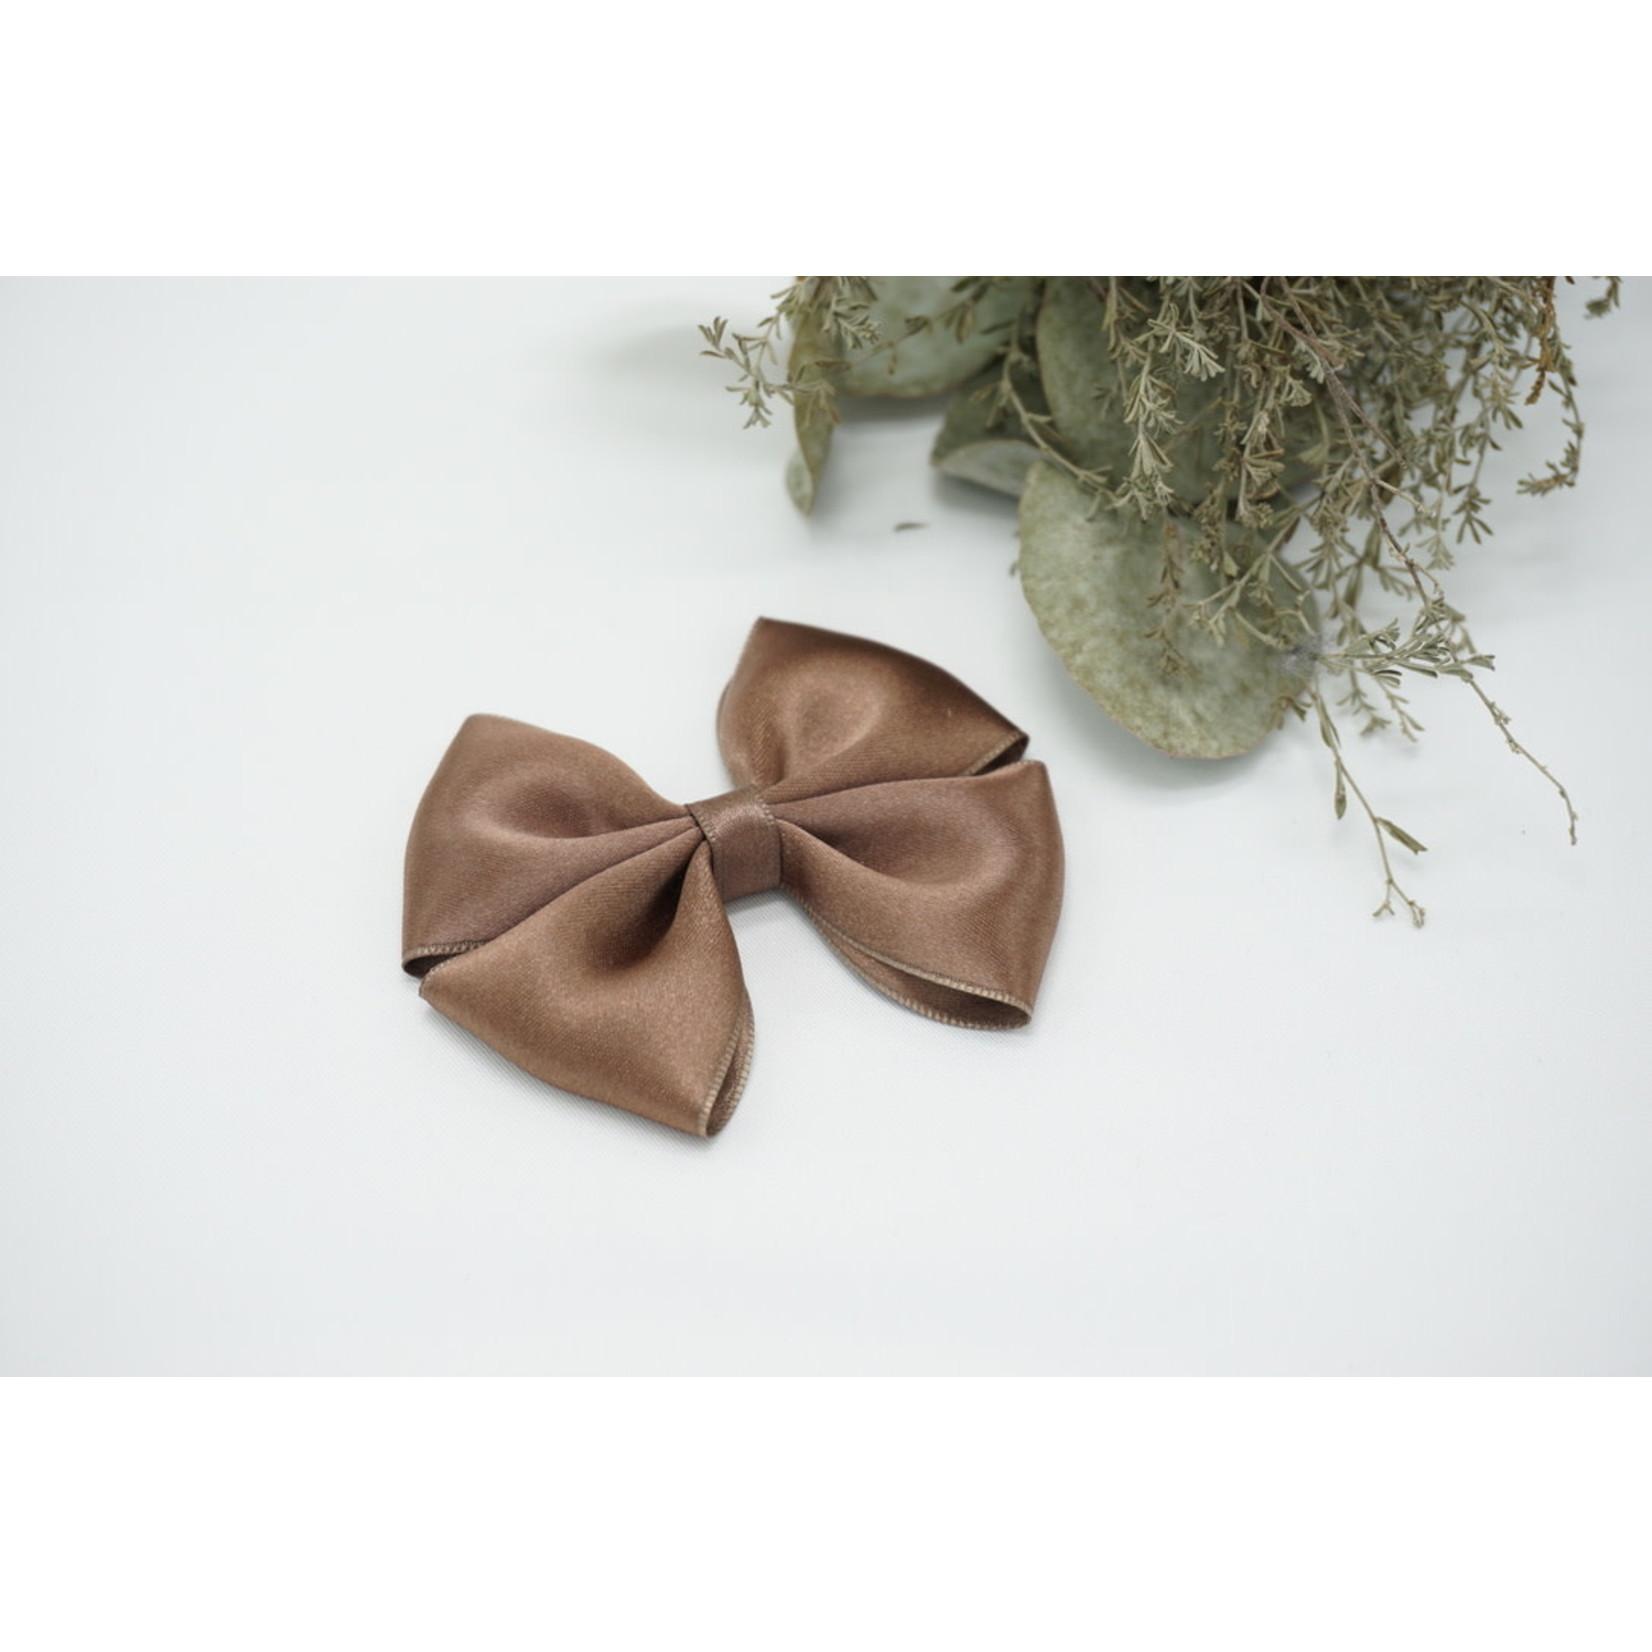 Petite Zara Satin Bow - Chocolate